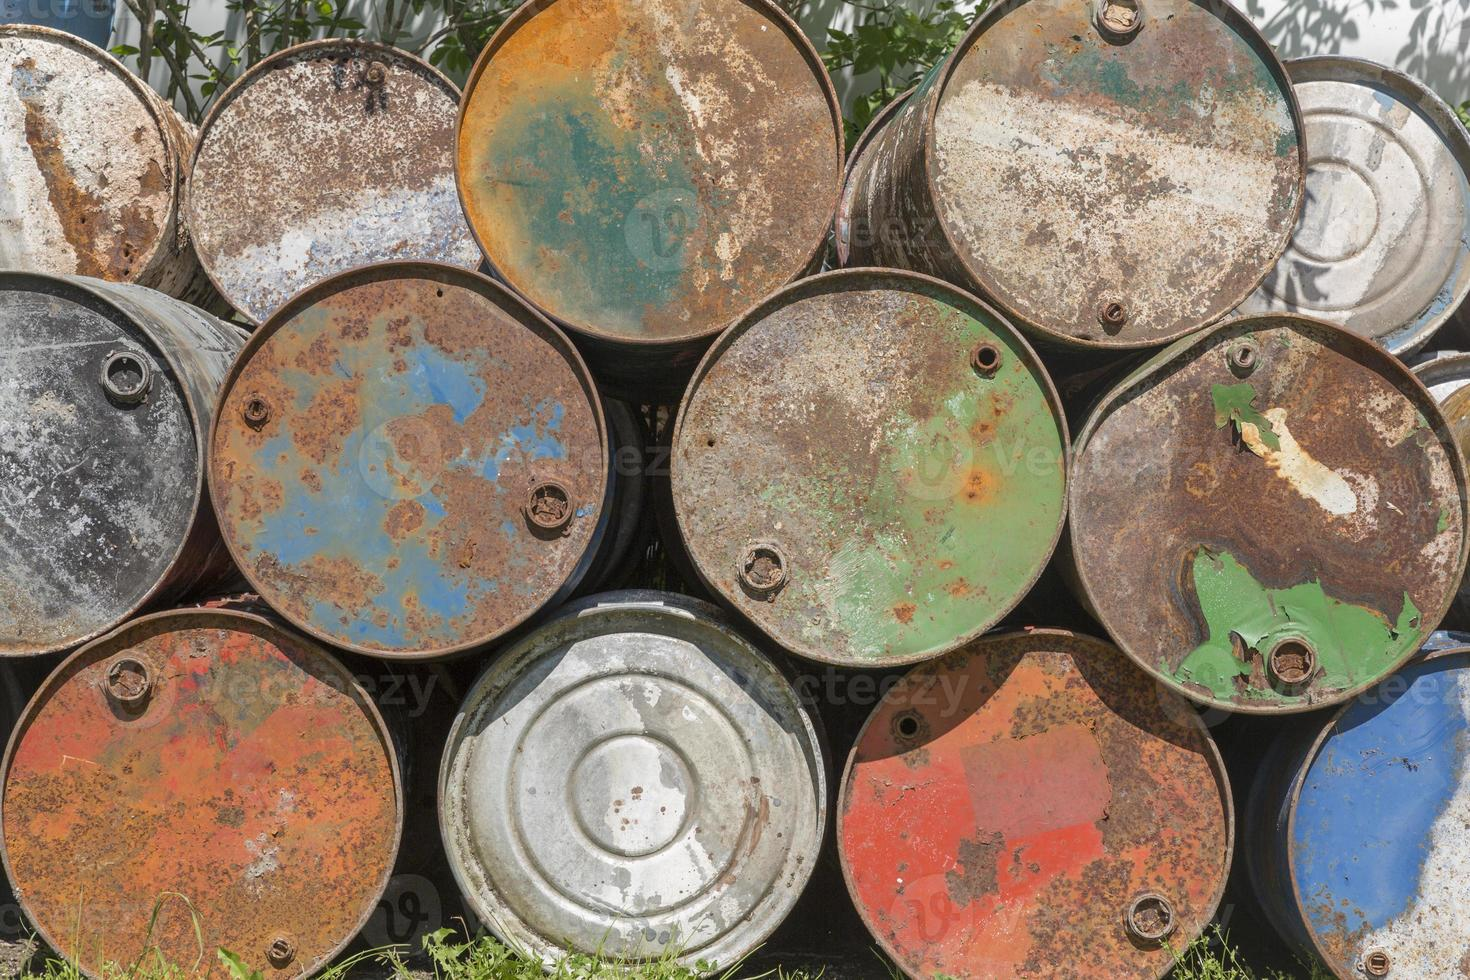 barris de óleo vazios, enferrujados e resistidos foto